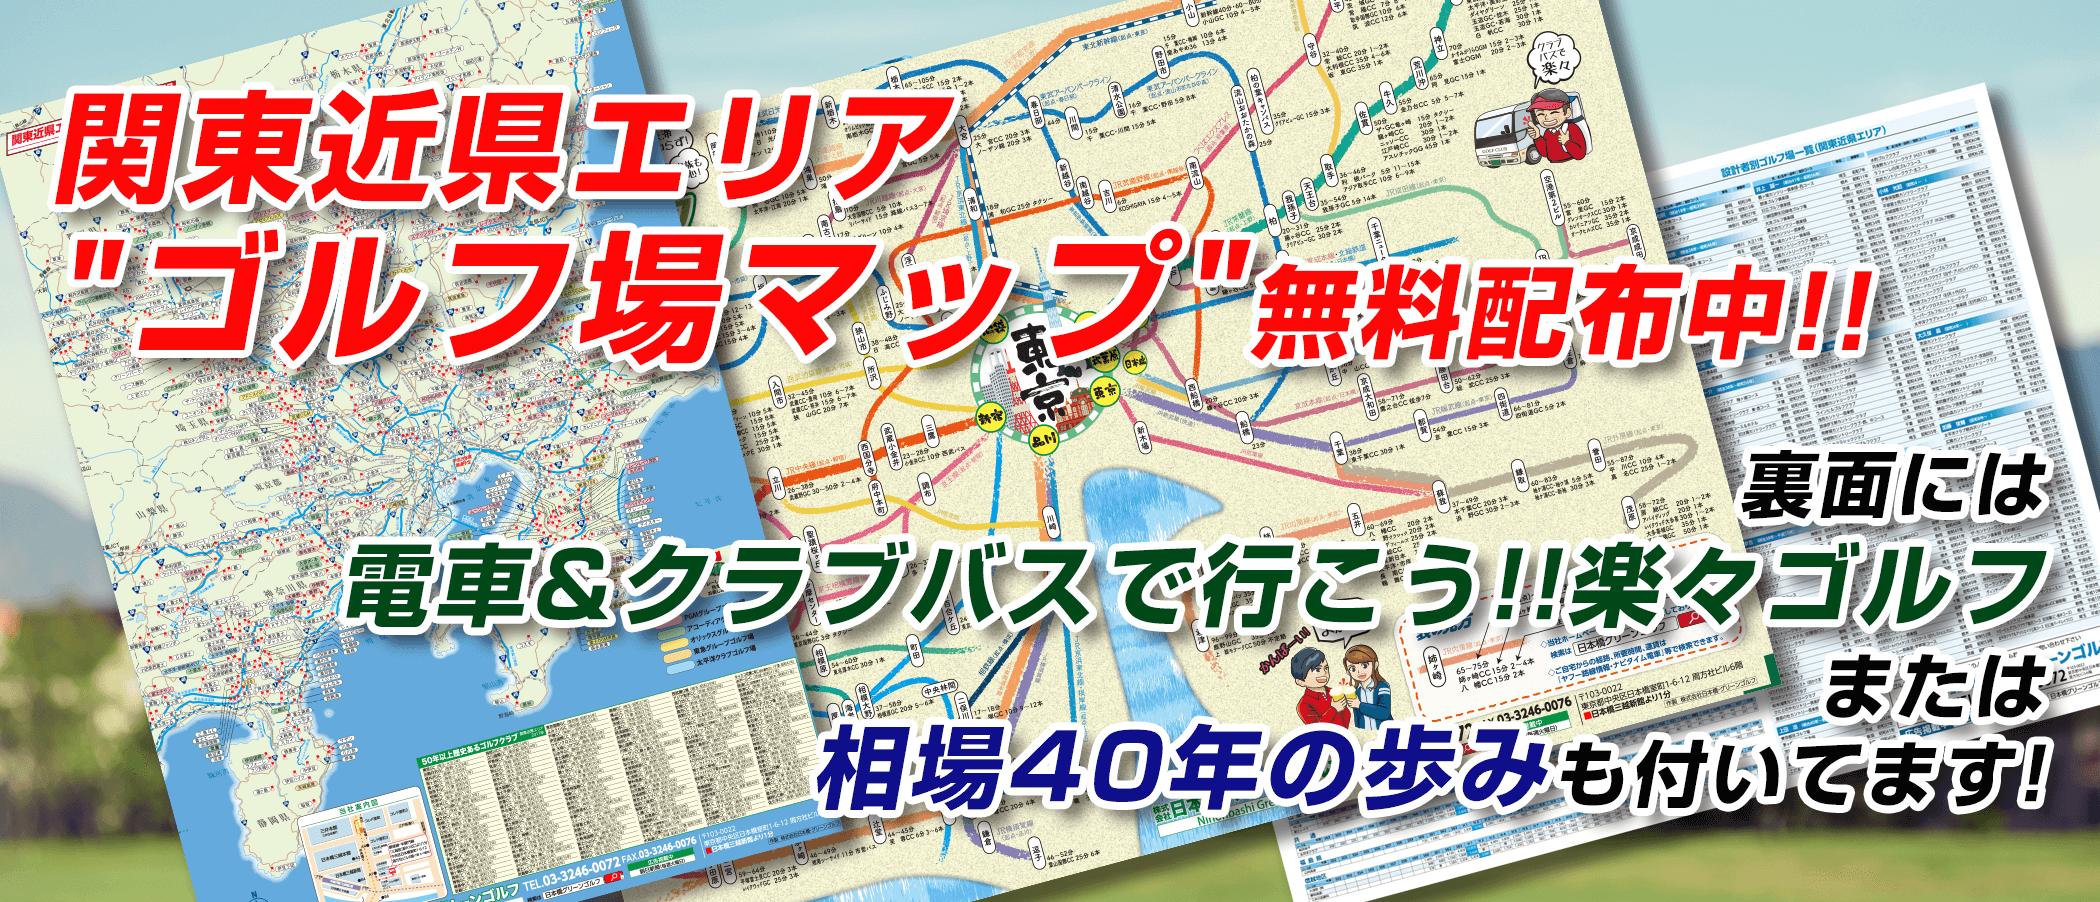 関東近県エリア、ゴルフ場マップ無料配布中